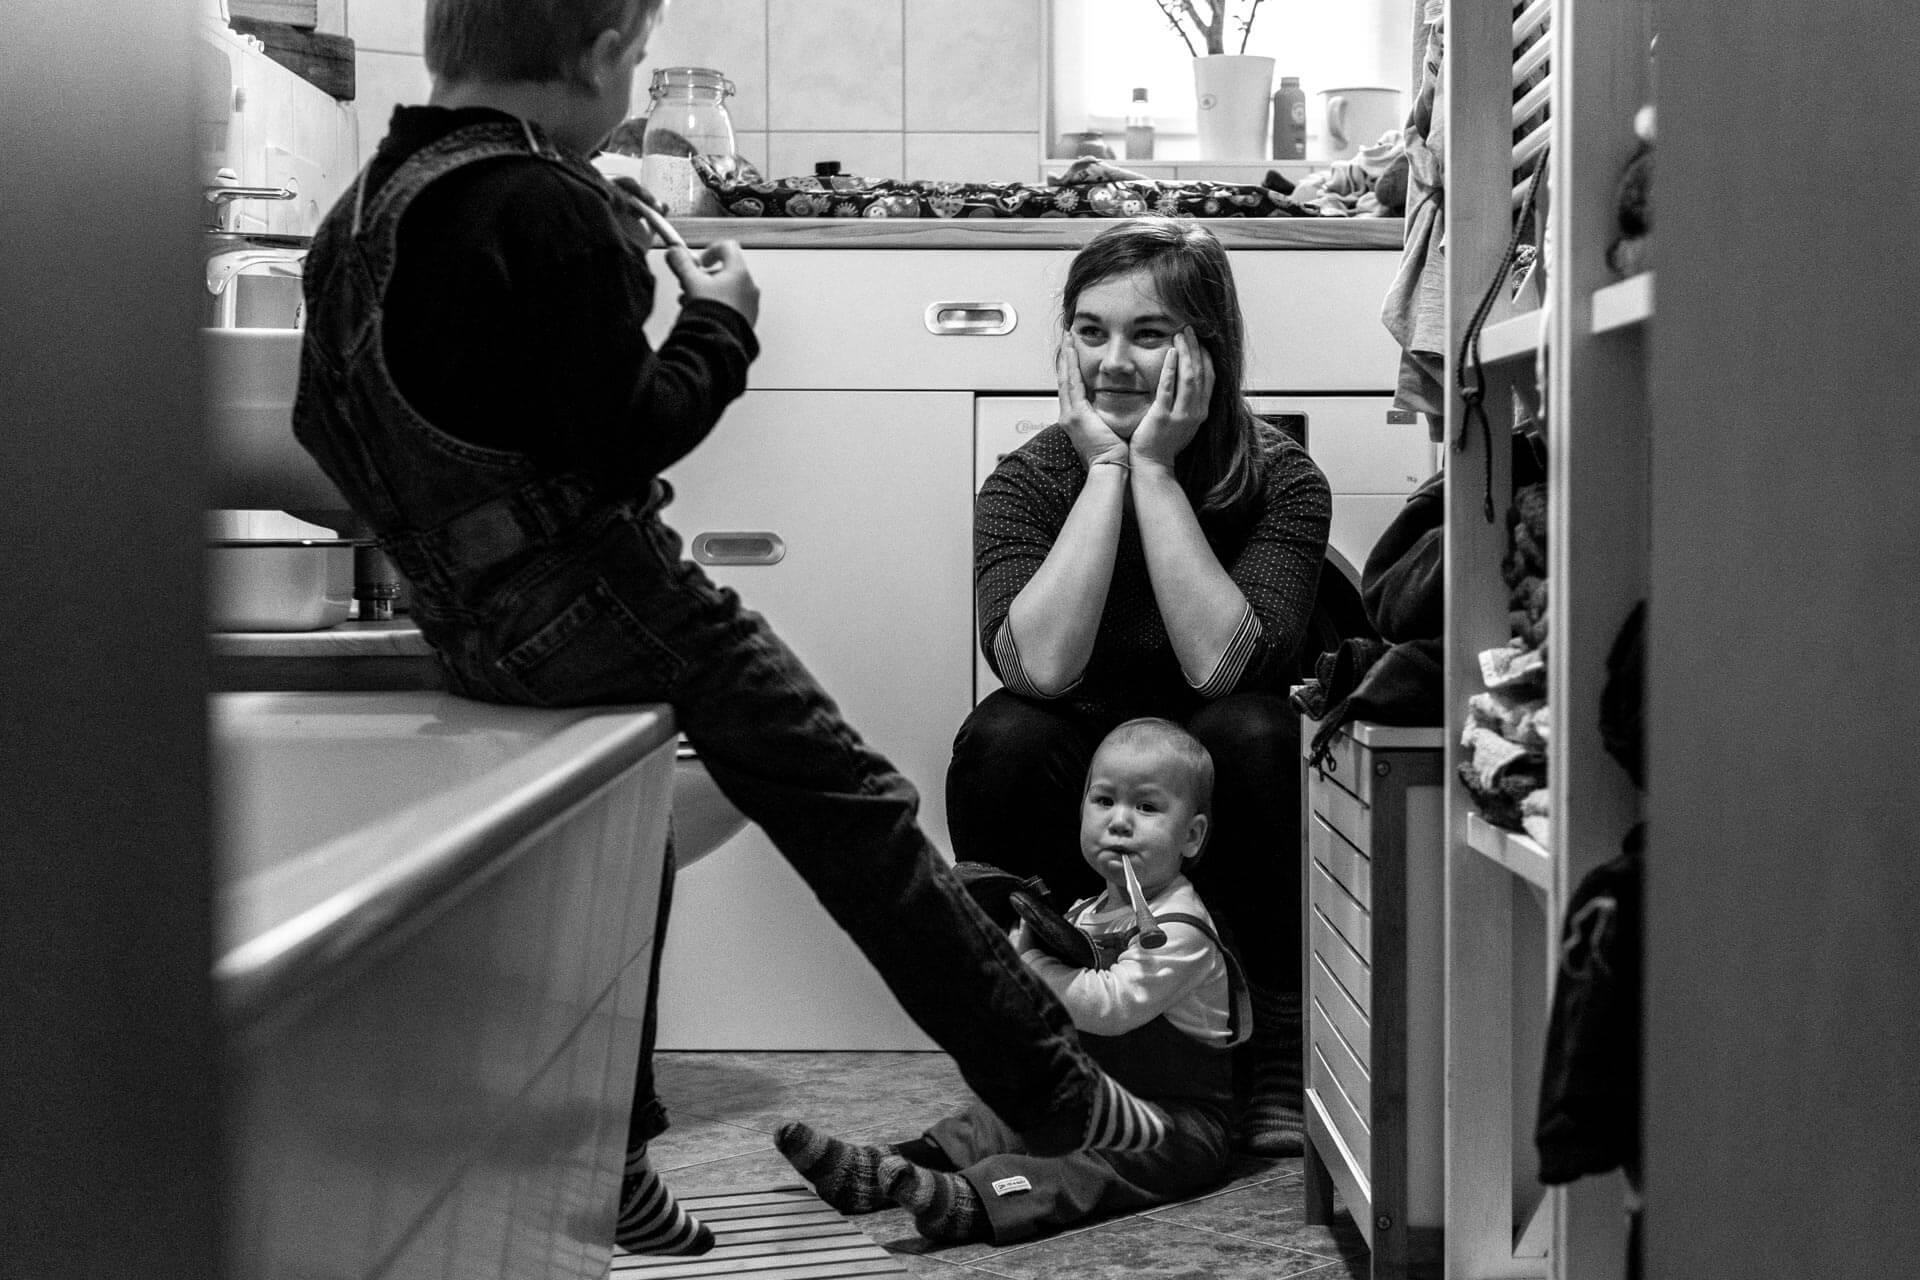 dokumentarische_familienfotografie_tabea_hoernlein_2_desktop